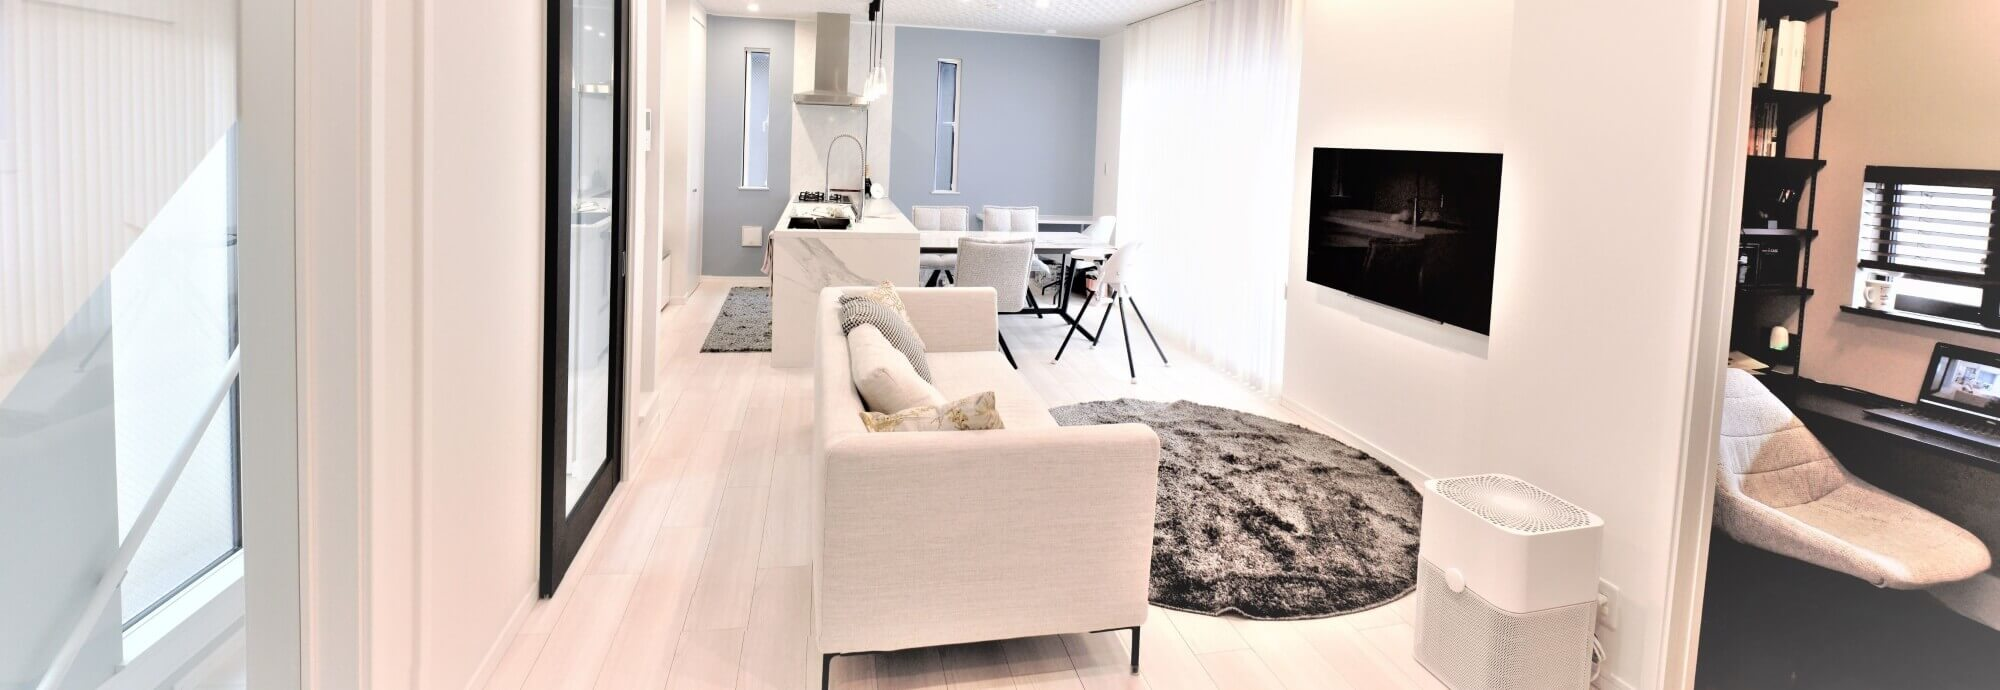 新築マイホームを建てた共働き子育て夫婦の家ブログ